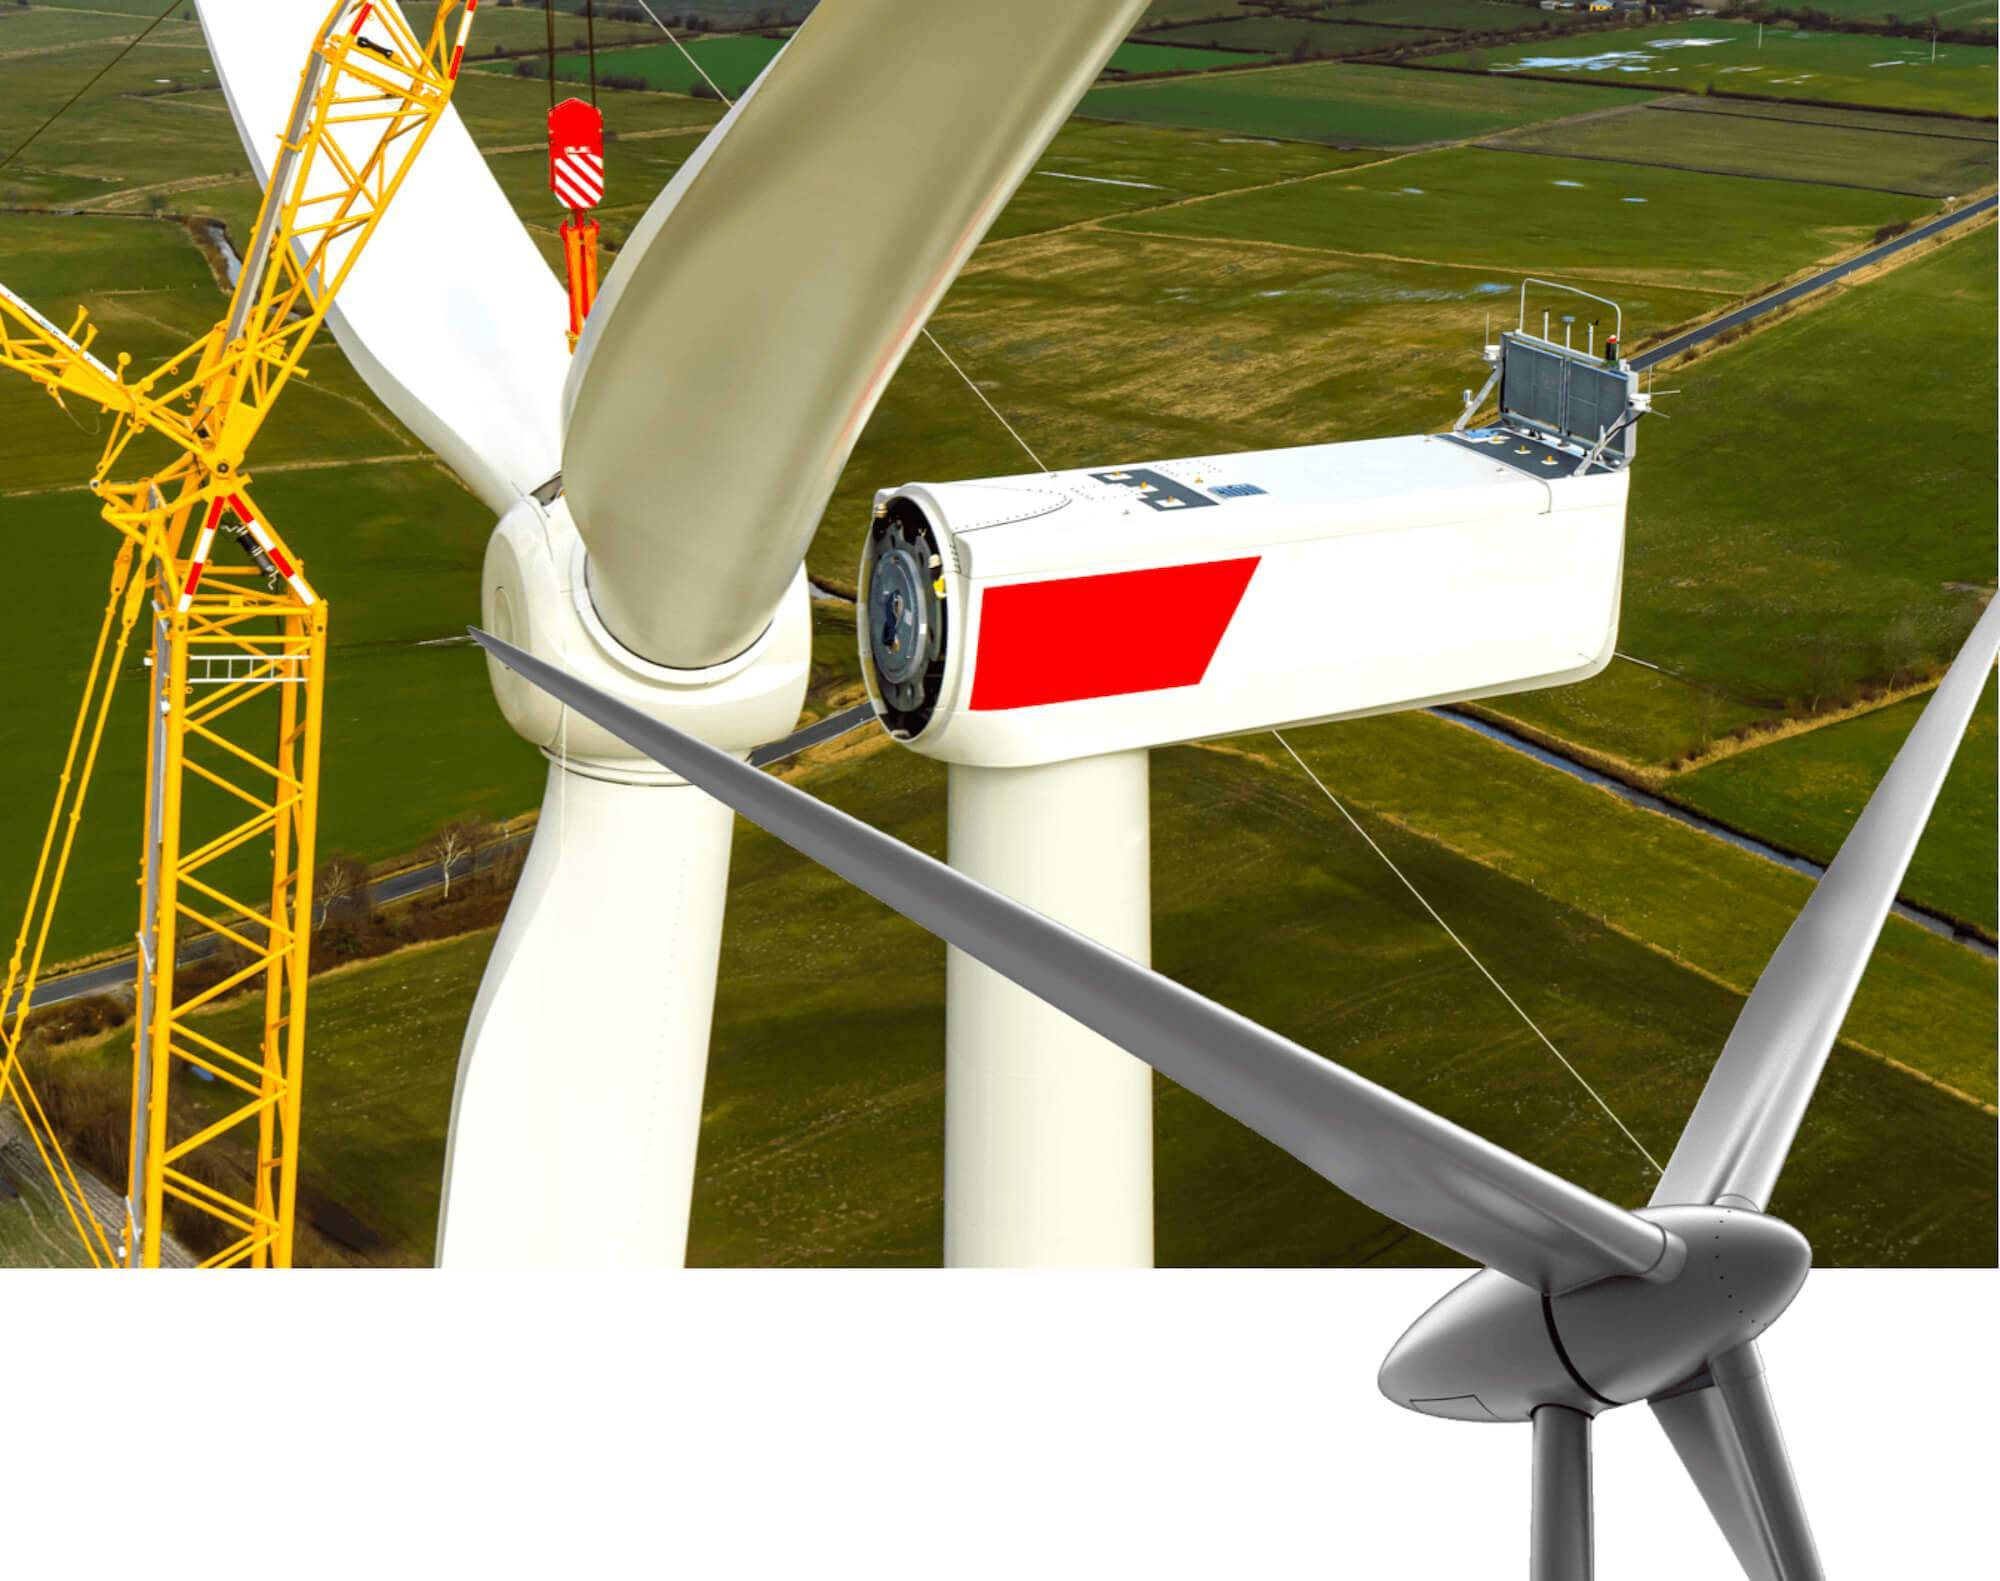 A large wind turbine fan